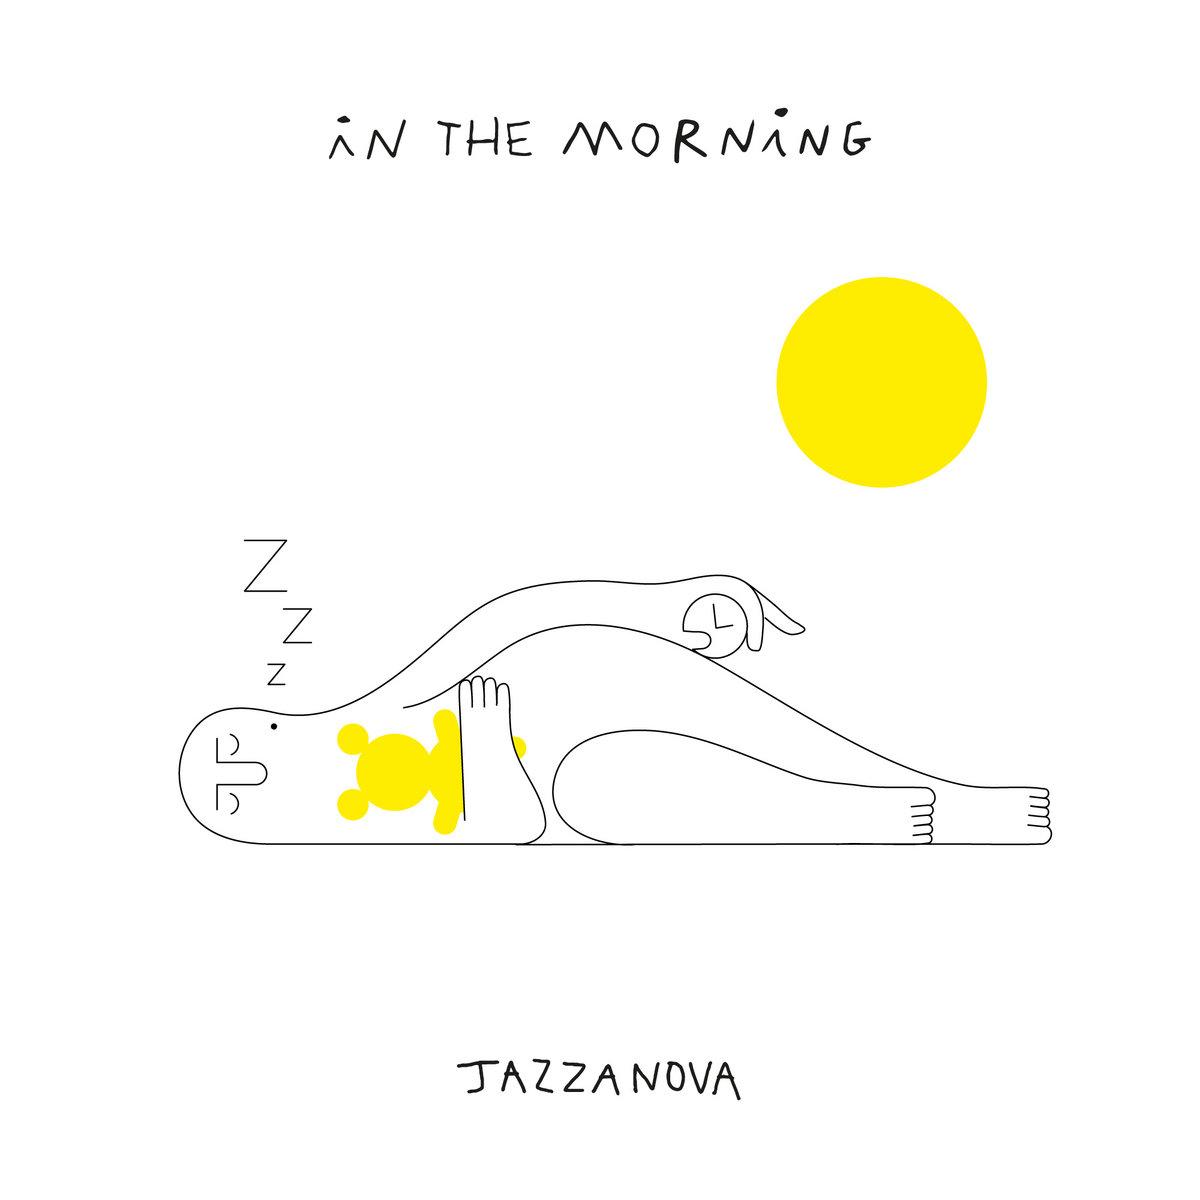 In The Morning By Jazzanova